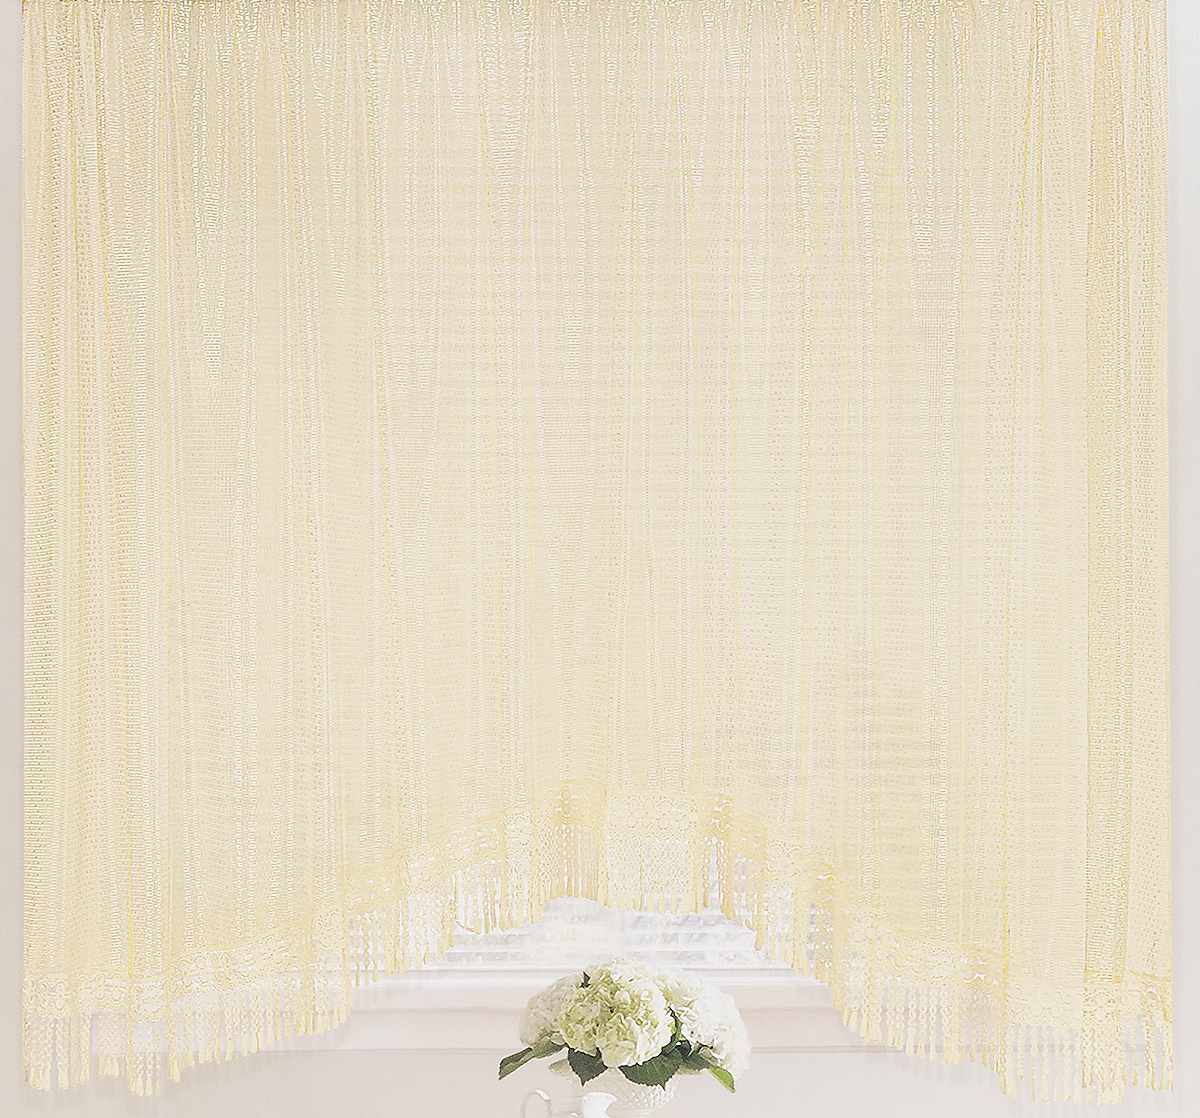 Штора-арка ТД Текстиль Капли росы, на ленте, цвет: молочный, высота 165 см82650Штора-арка ТД Текстиль Капли росы великолепно украситлюбое окно. Штора выполнена из качественного сетчатогополиэстера и декорирована бахромой.Полупрозрачная ткань, оригинальный дизайн и приятнаяцветовая гамма привлекут к себе внимание и позволят штореорганично вписаться в интерьер помещения.Штора крепится на карниз при помощи шторной ленты, котораяпоможет красиво и равномерно задрапировать верх. Изделиеотлично подходит для кухни, столовой, спальни.